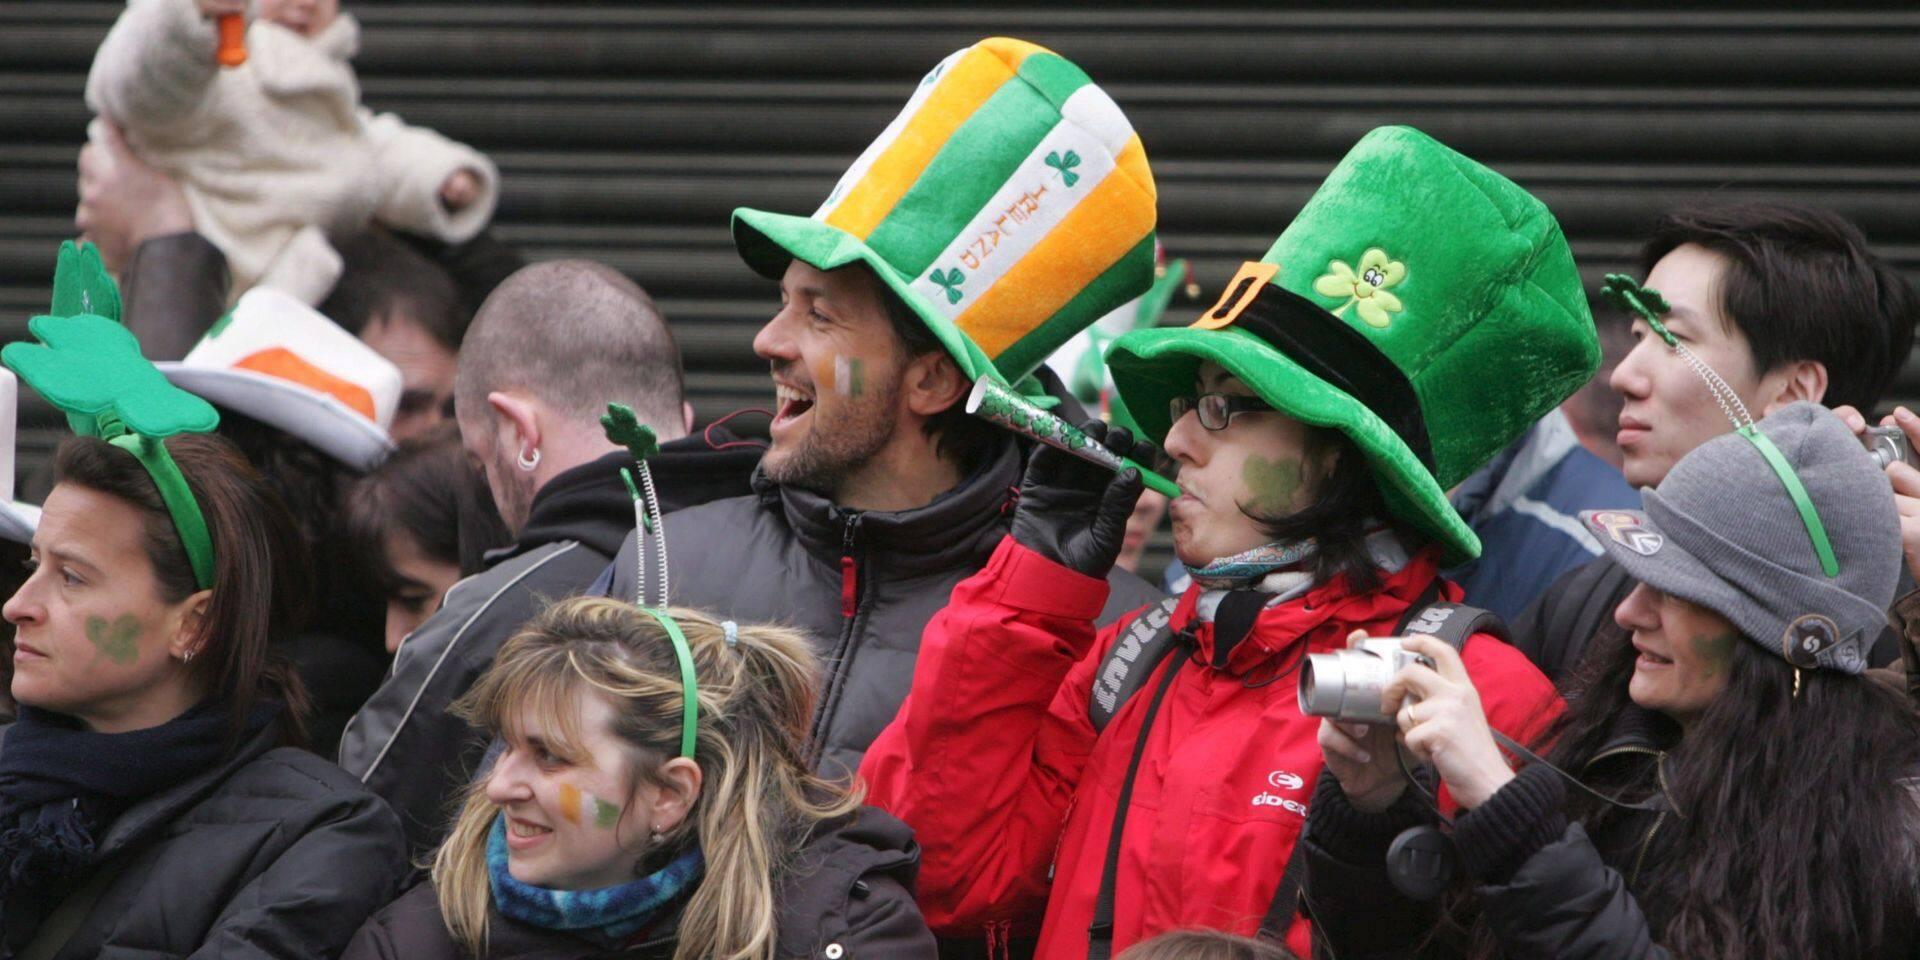 Coronavirus: la parade de la Saint-Patrick annulée à Dublin